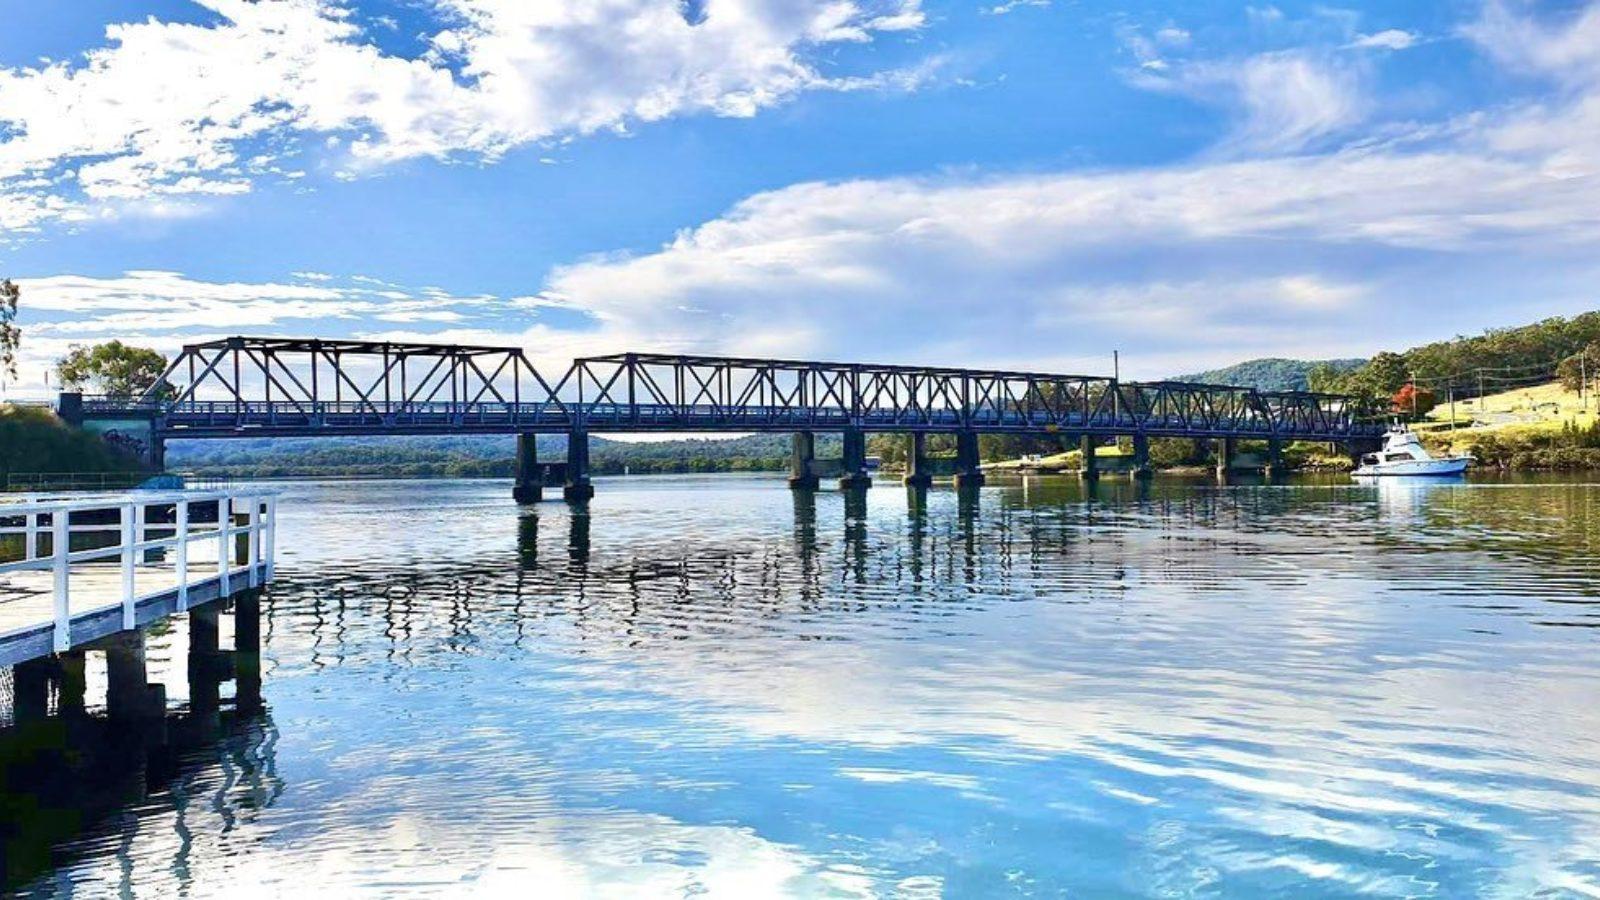 Karuah River and bridge by moonshadowtqc